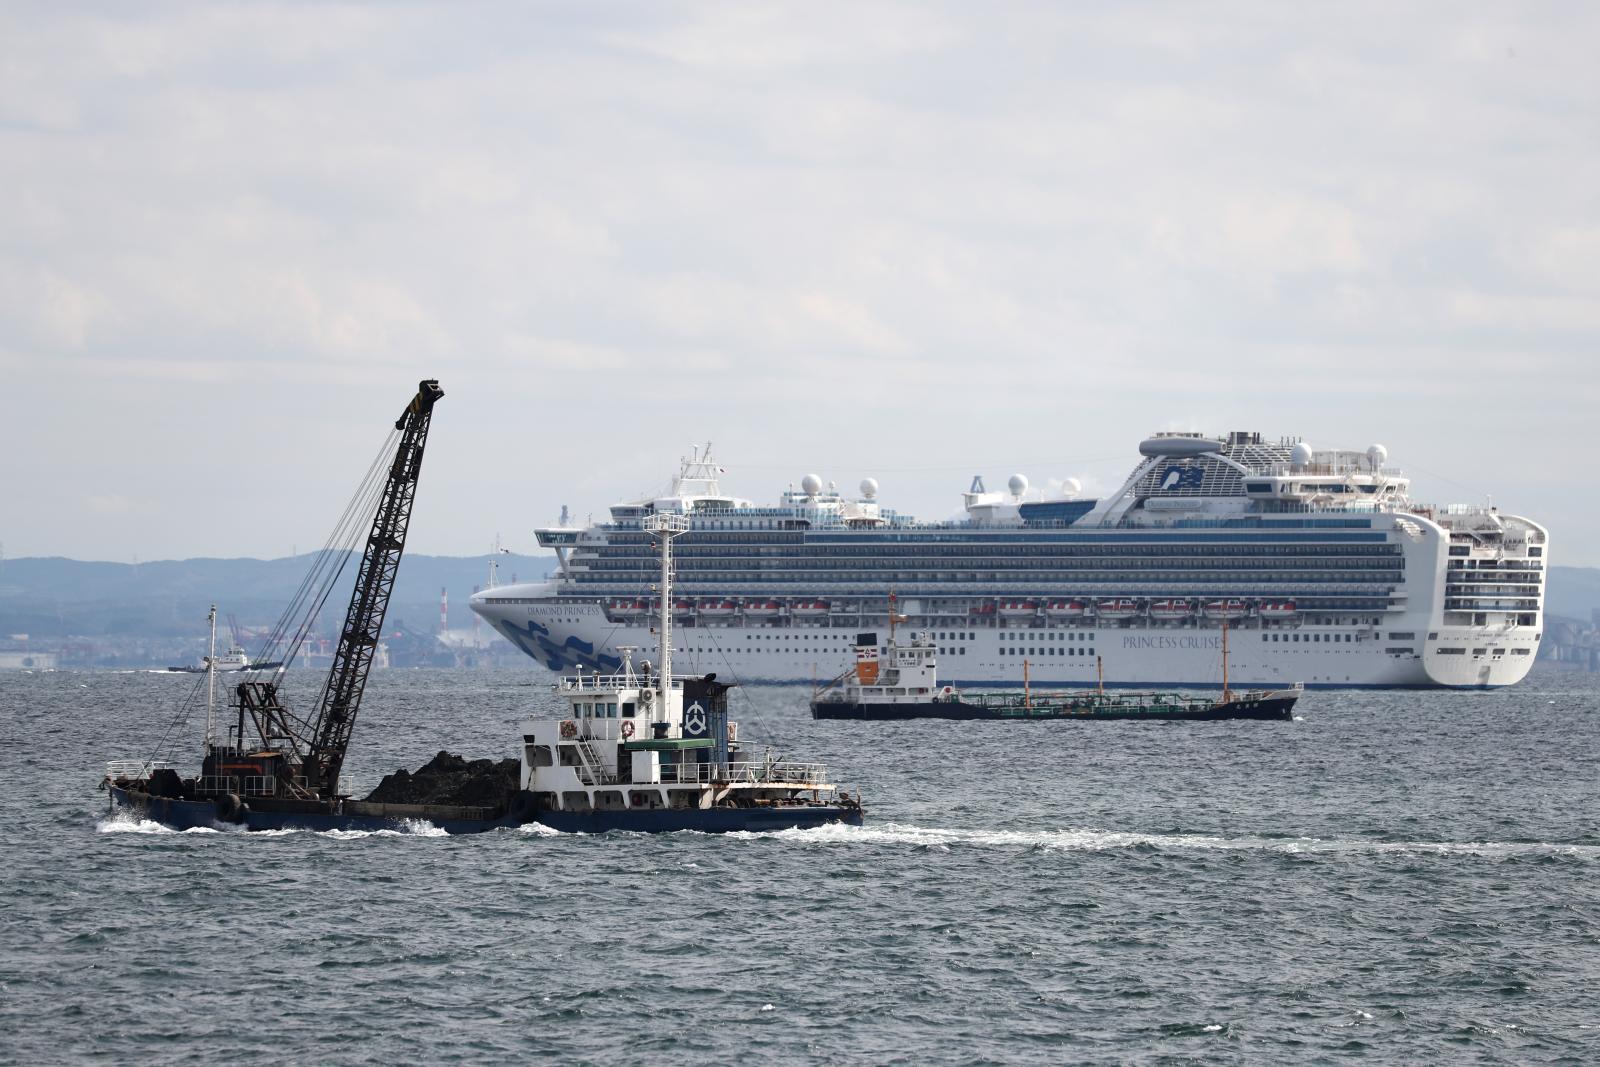 """ญี่ปุ่น สั่งกักเรือสำราญ หลังมีผู้โดยสาร ติดเชื้อ """"ไวรัสโคโรนา"""""""